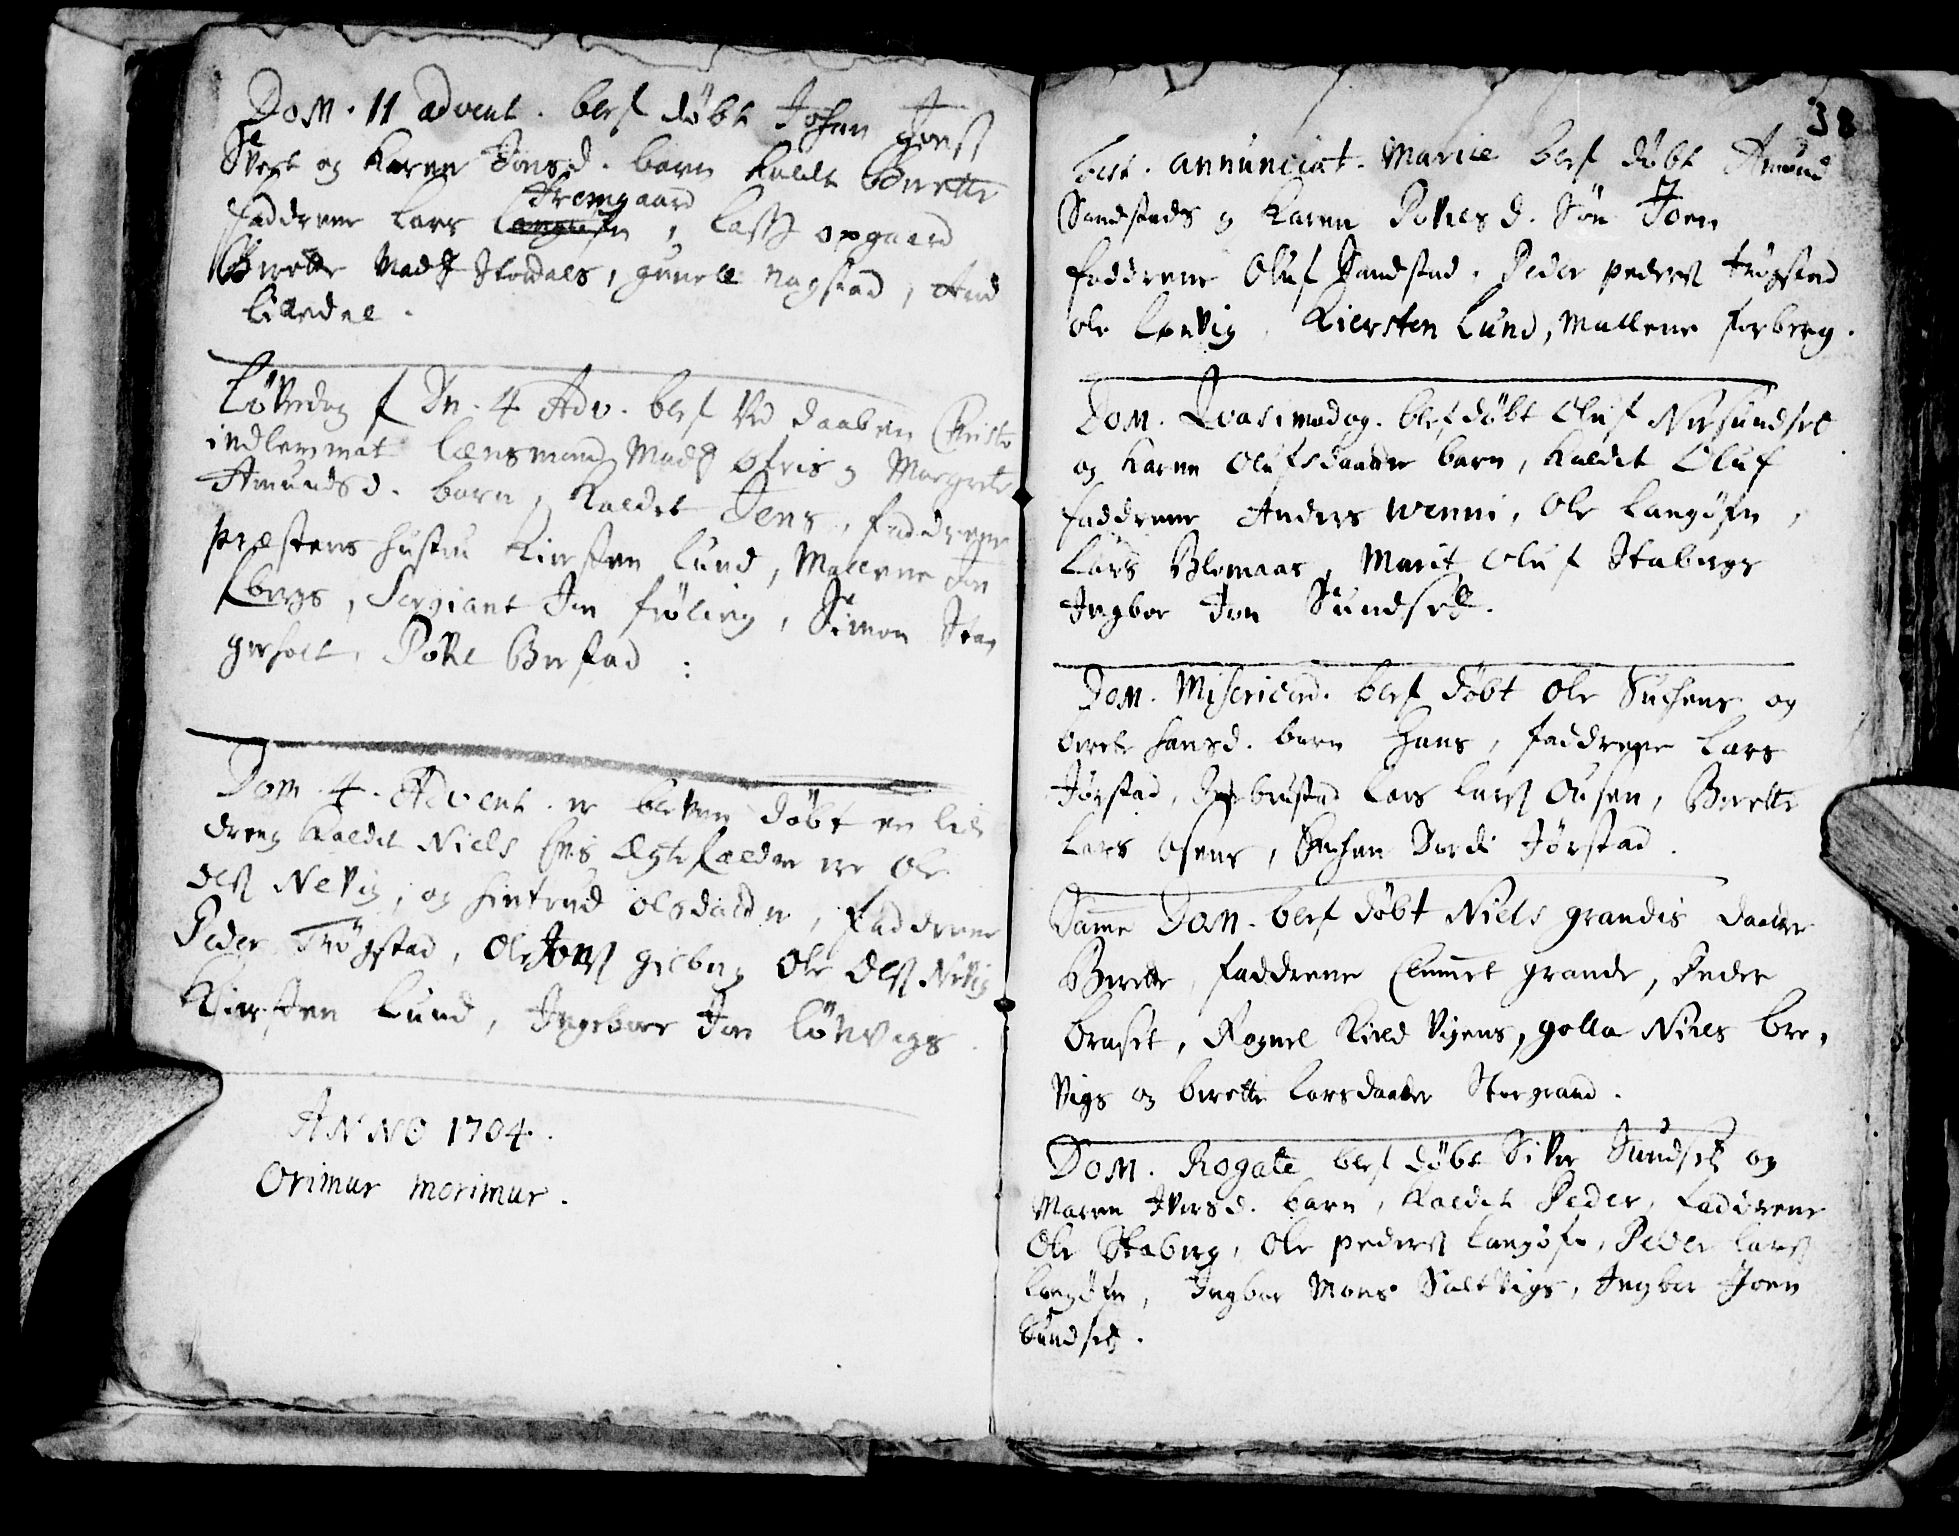 SAT, Ministerialprotokoller, klokkerbøker og fødselsregistre - Nord-Trøndelag, 722/L0214: Ministerialbok nr. 722A01, 1692-1718, s. 38